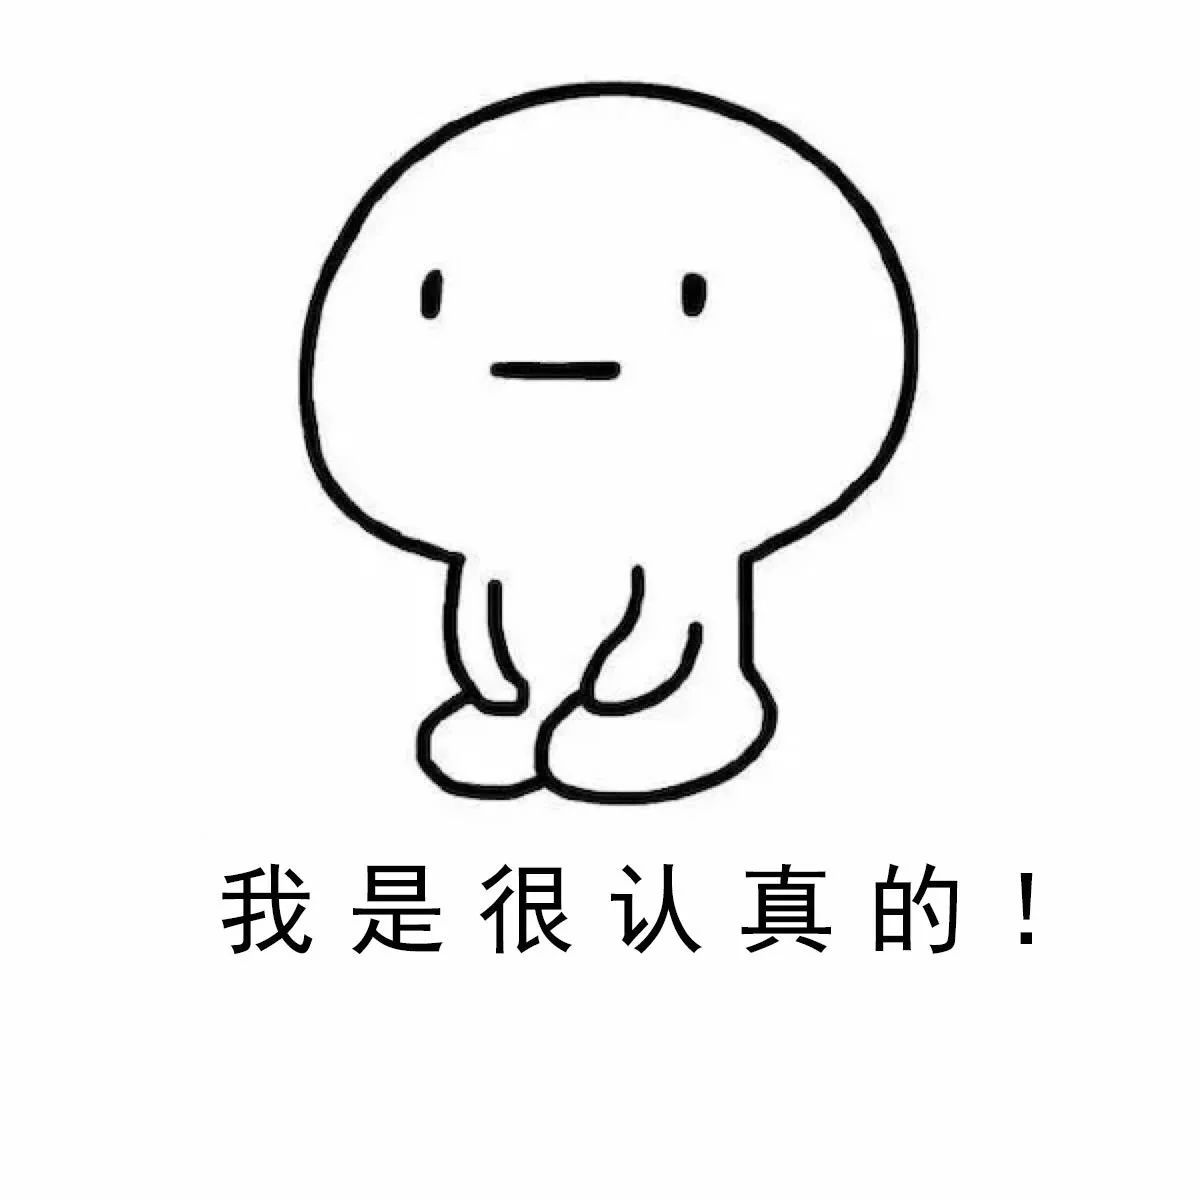 火锅简笔画图片大全